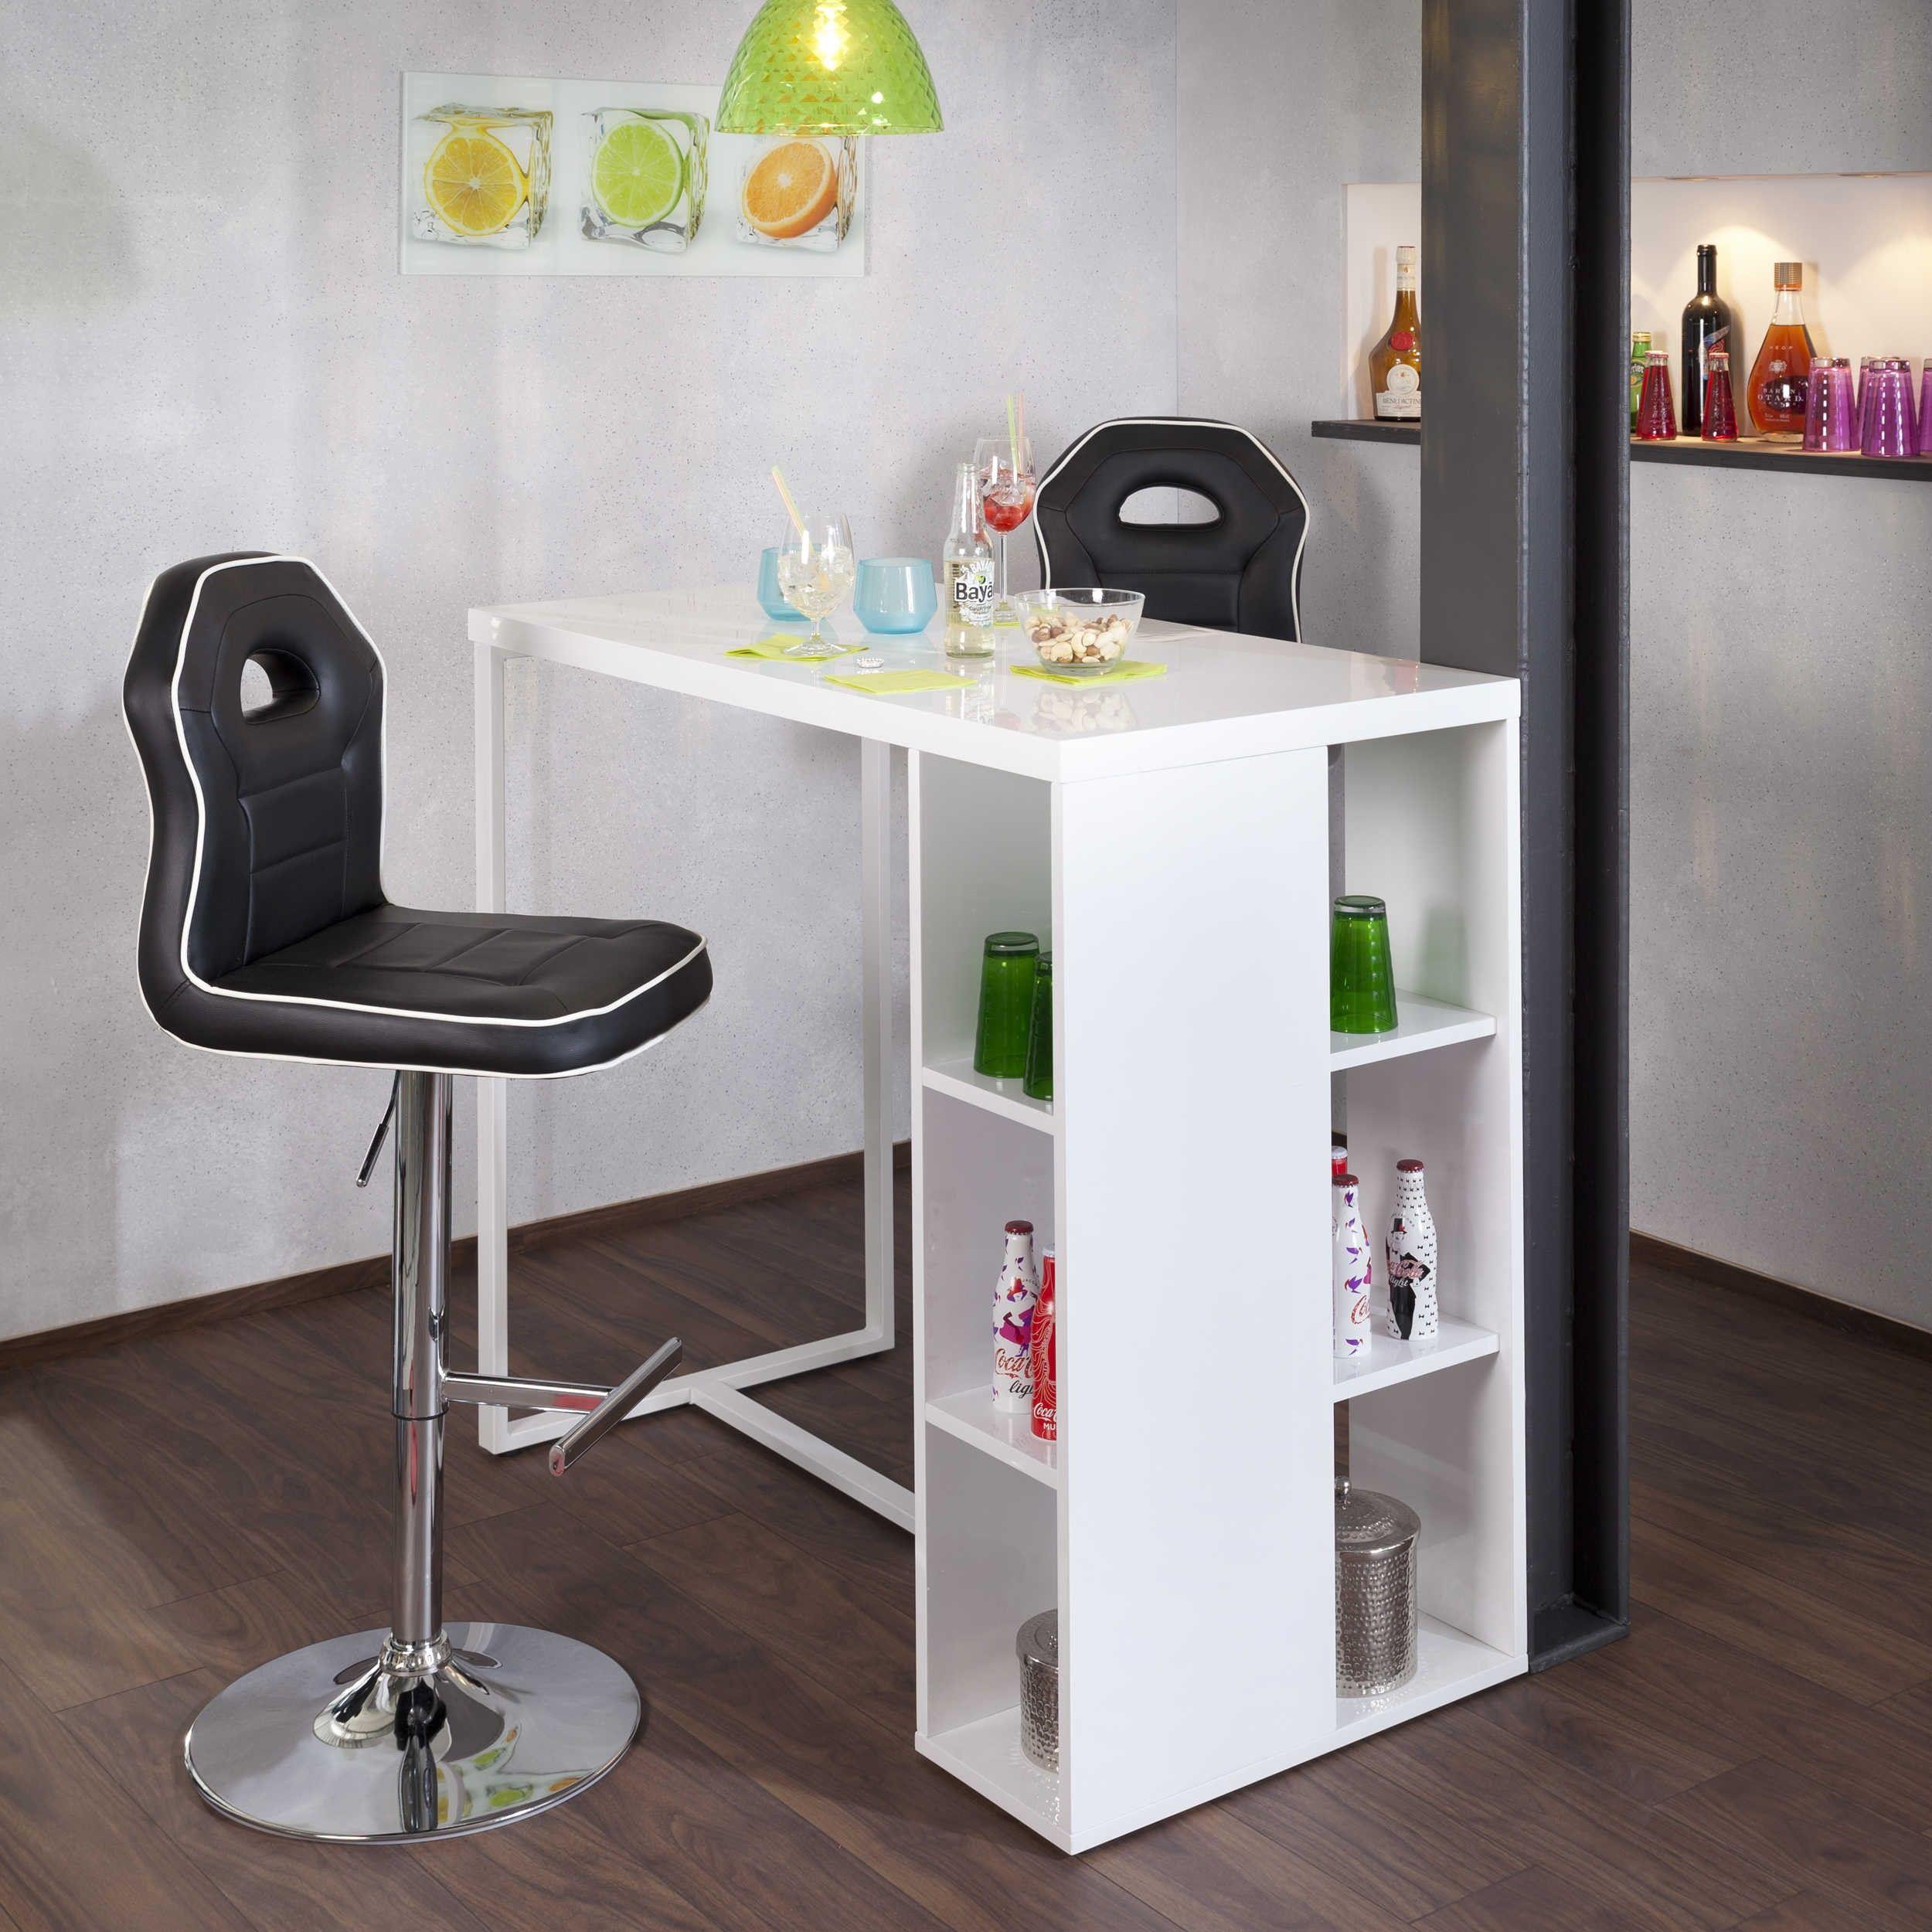 bartisch bitonto 120 x 60 cm bartische esstische. Black Bedroom Furniture Sets. Home Design Ideas